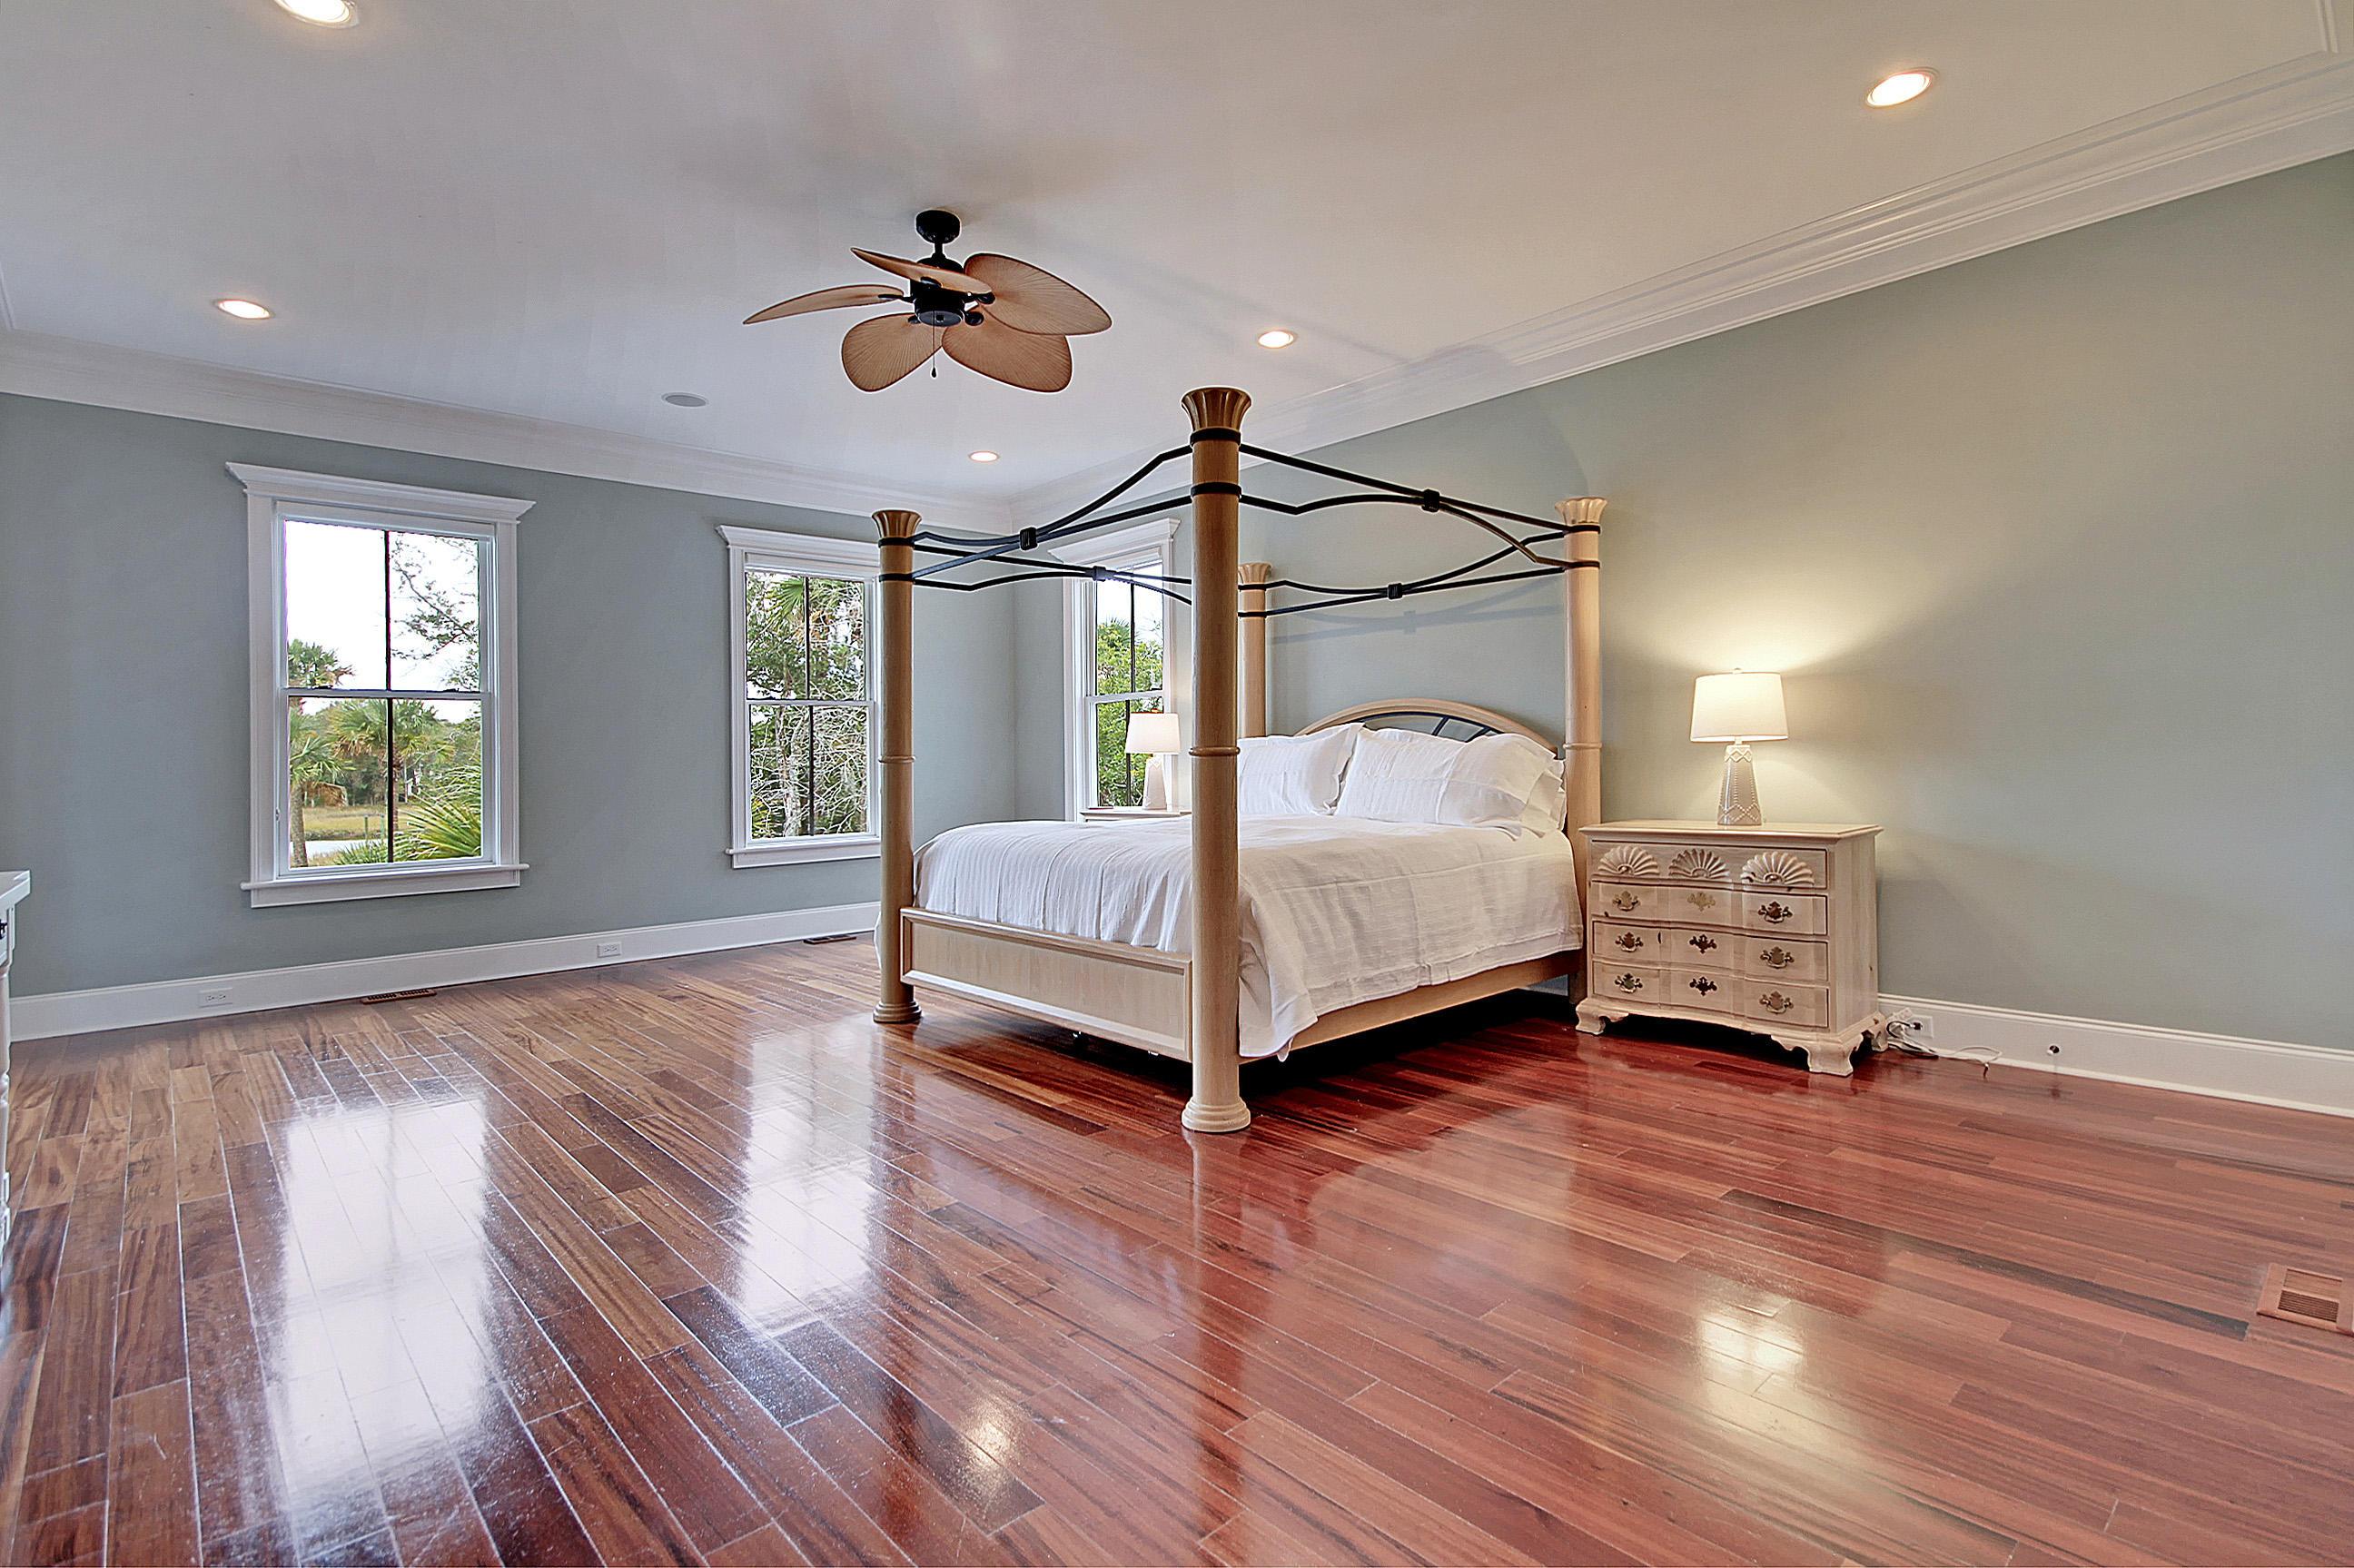 Park West Homes For Sale - 3940 Ashton Shore, Mount Pleasant, SC - 25